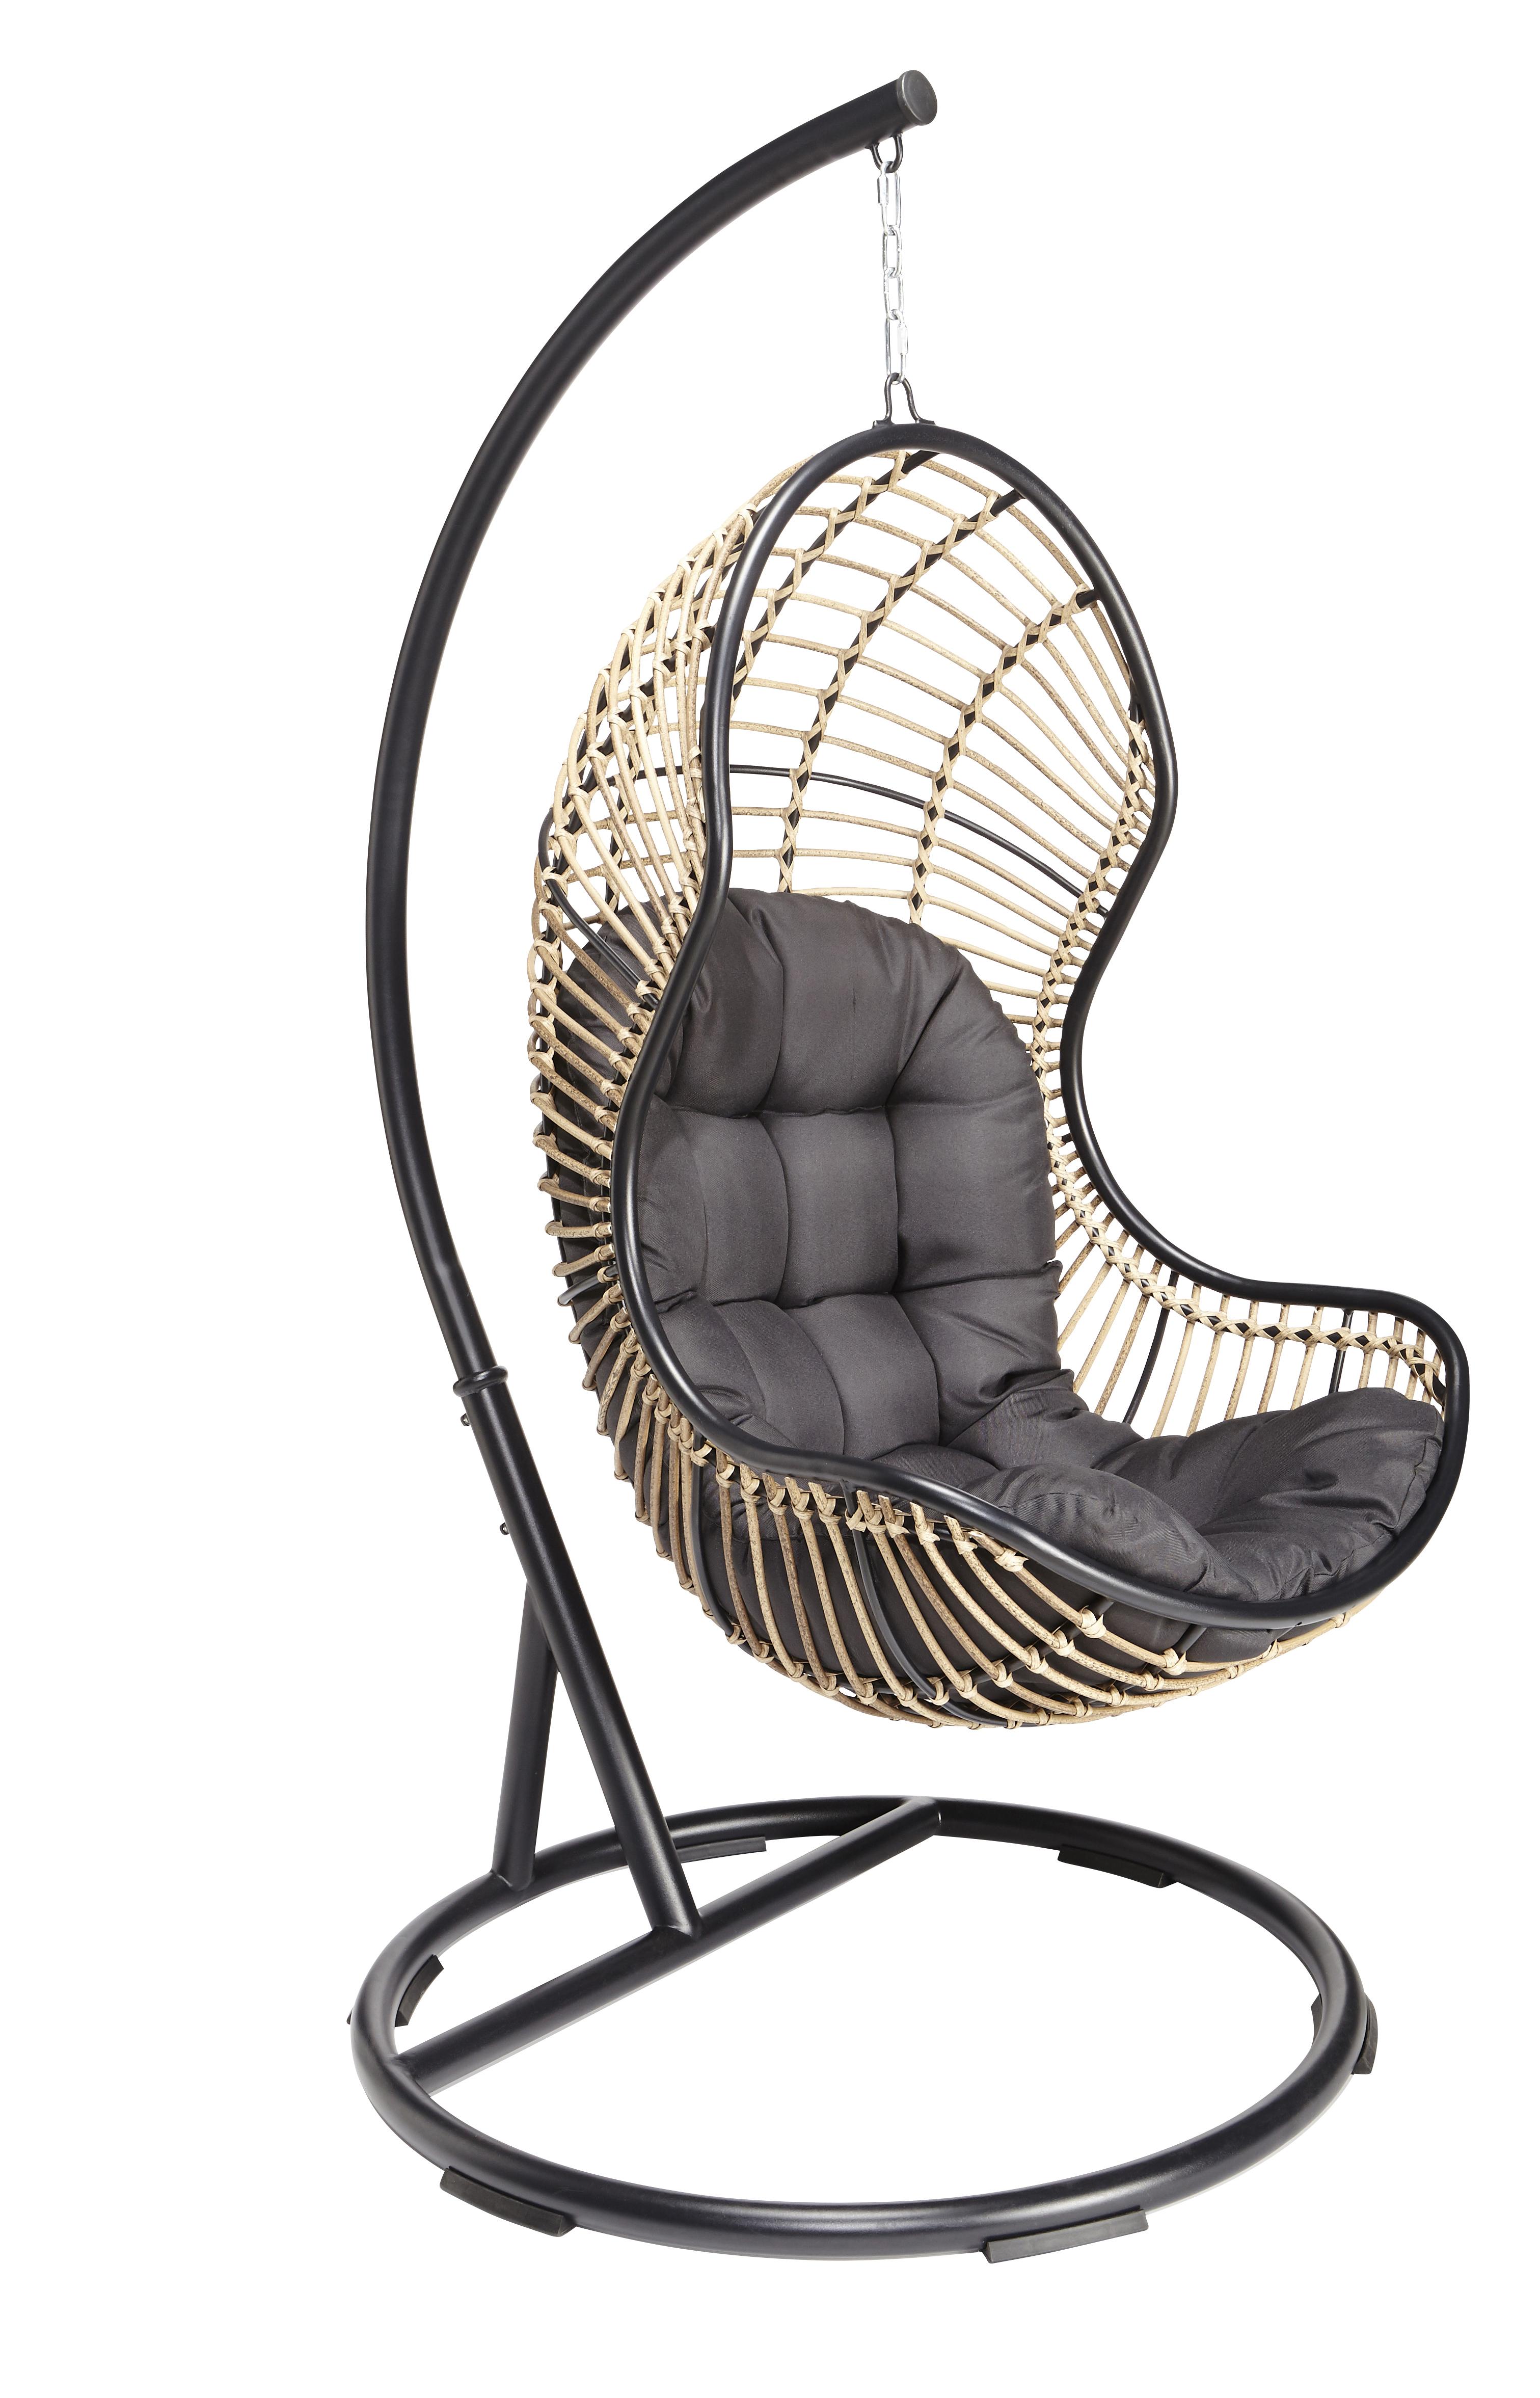 fauteuil oeuf suspendu carrefour. Black Bedroom Furniture Sets. Home Design Ideas